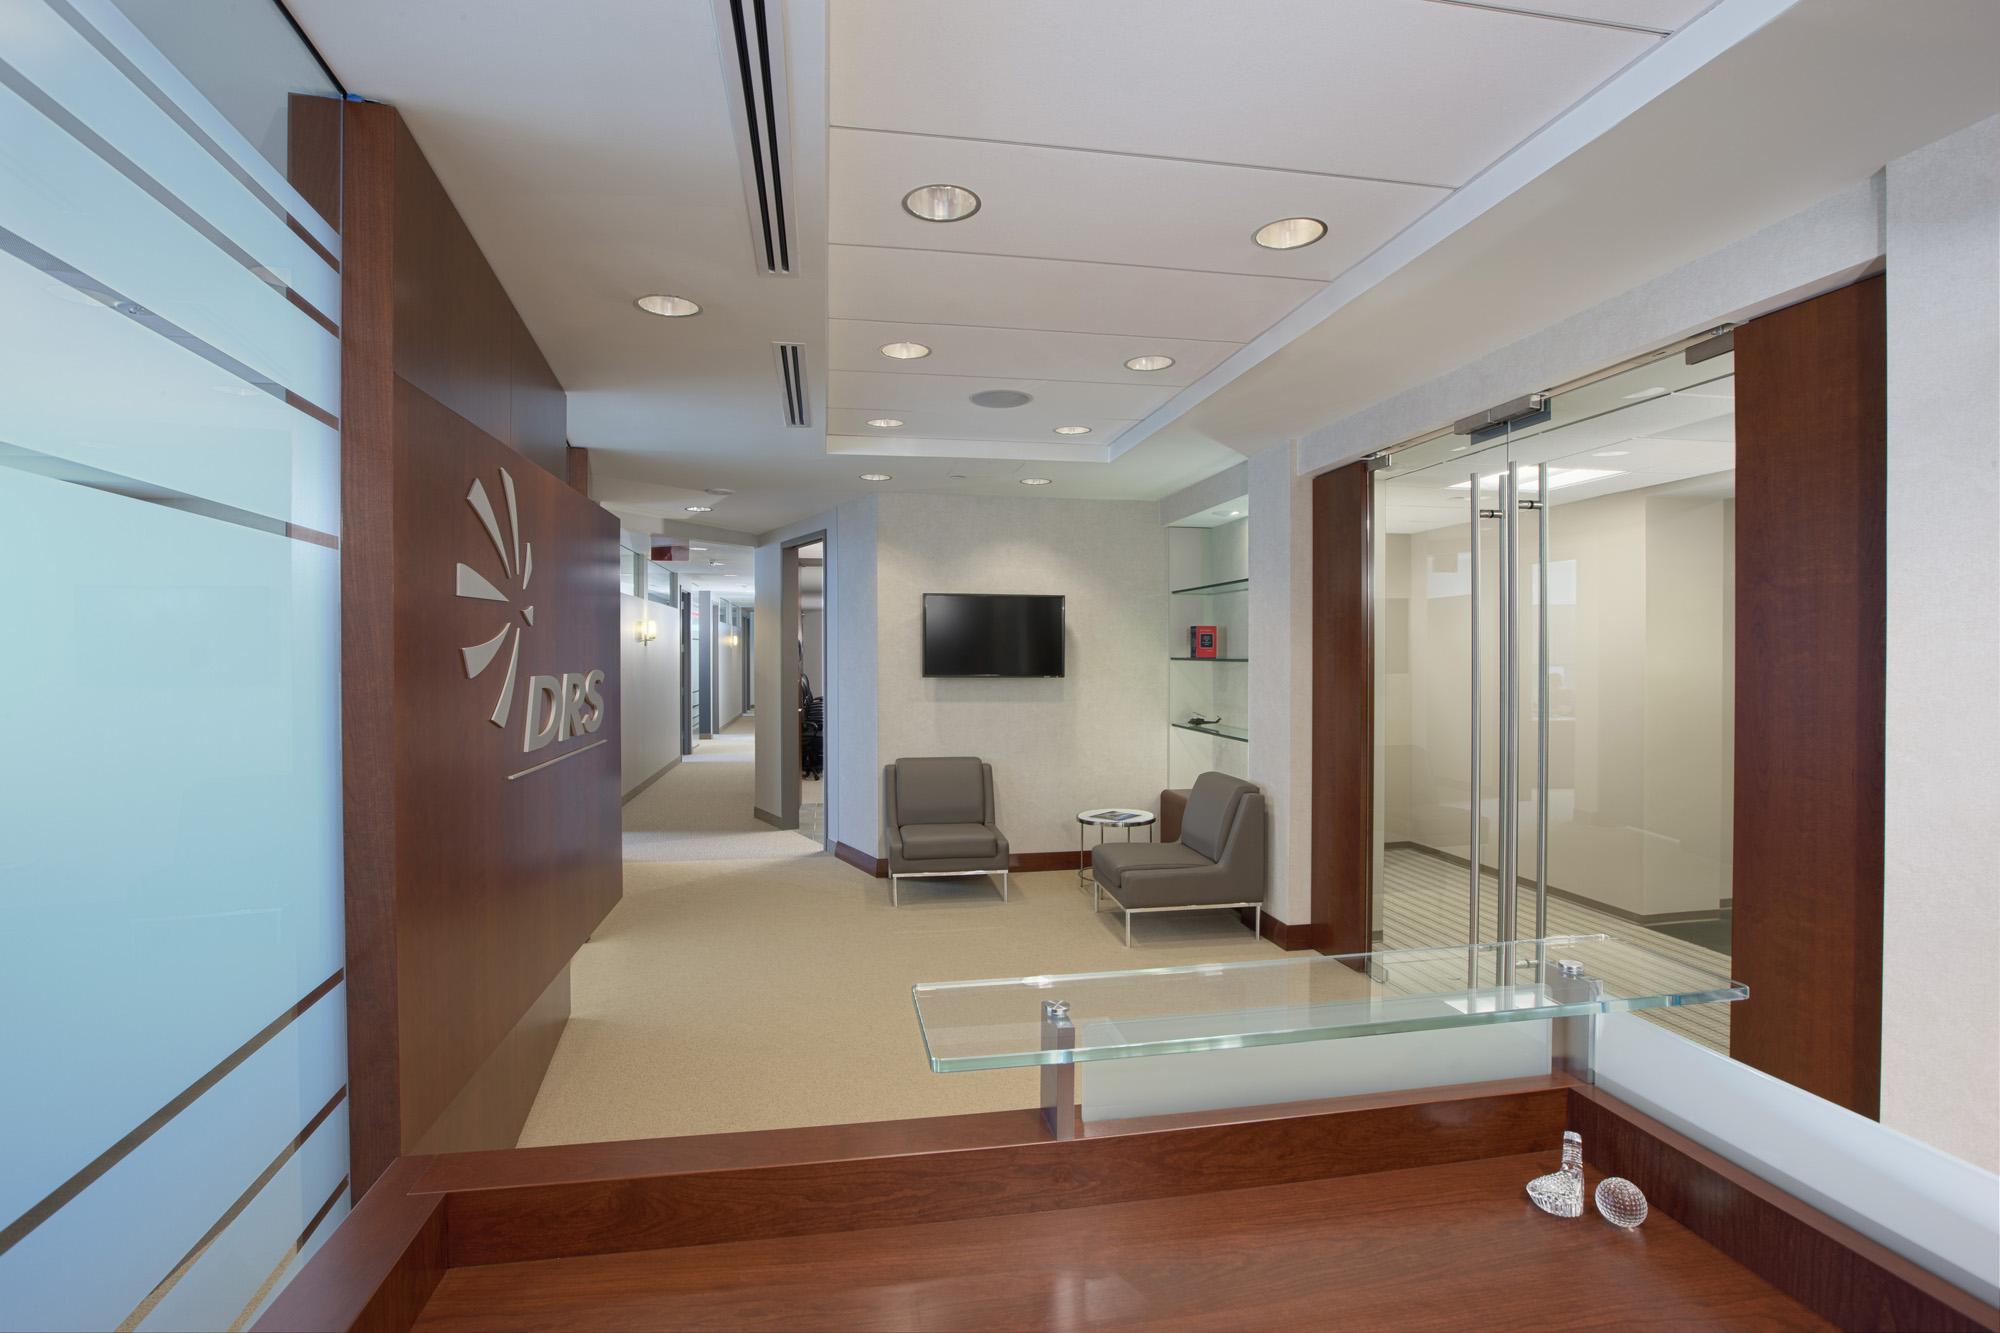 DRS VA Office Interior Image R121300.jpg